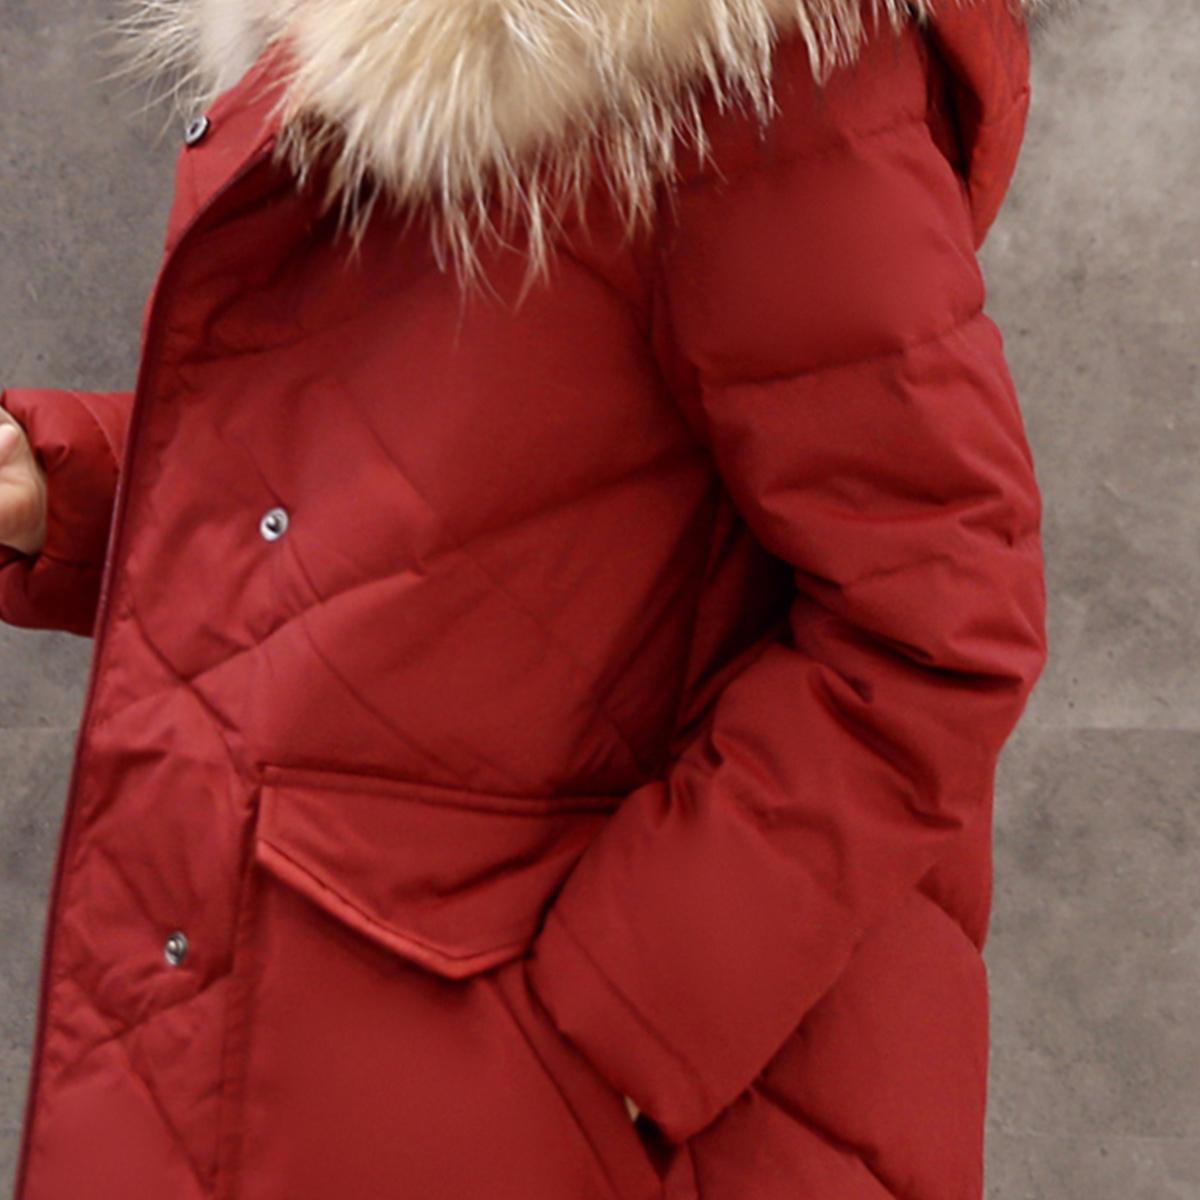 鸭鸭女装冬装新款中长款貂子毛领菱格压线羽绒服女大口袋潮B-2476产品展示图4